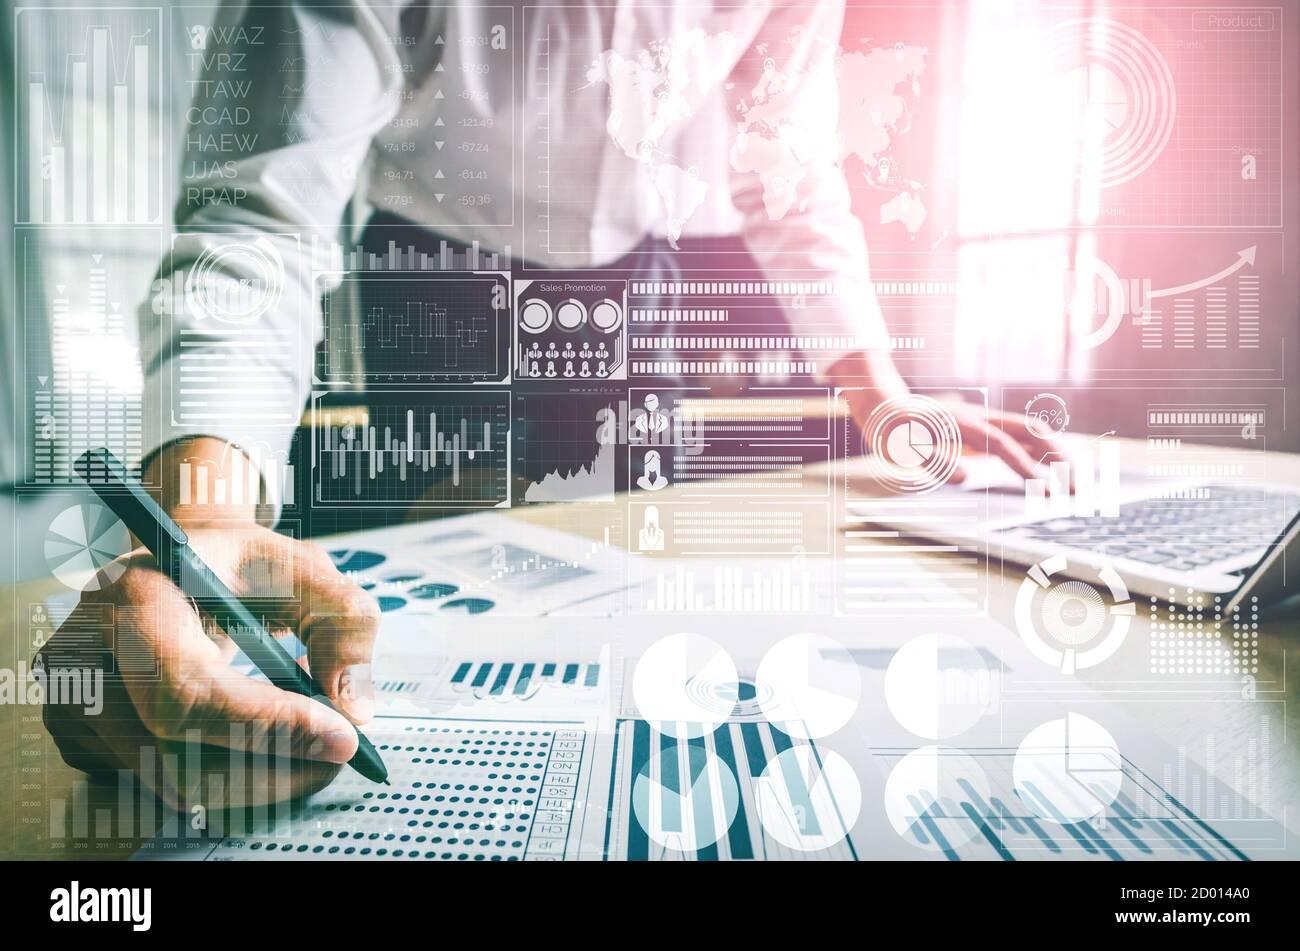 El análisis de los datos para los negocios y las finanzas concepto. Interfaz gráfica mostrando la futura tecnología informática de lucro, analítica, de investigación y marketing online Foto de stock